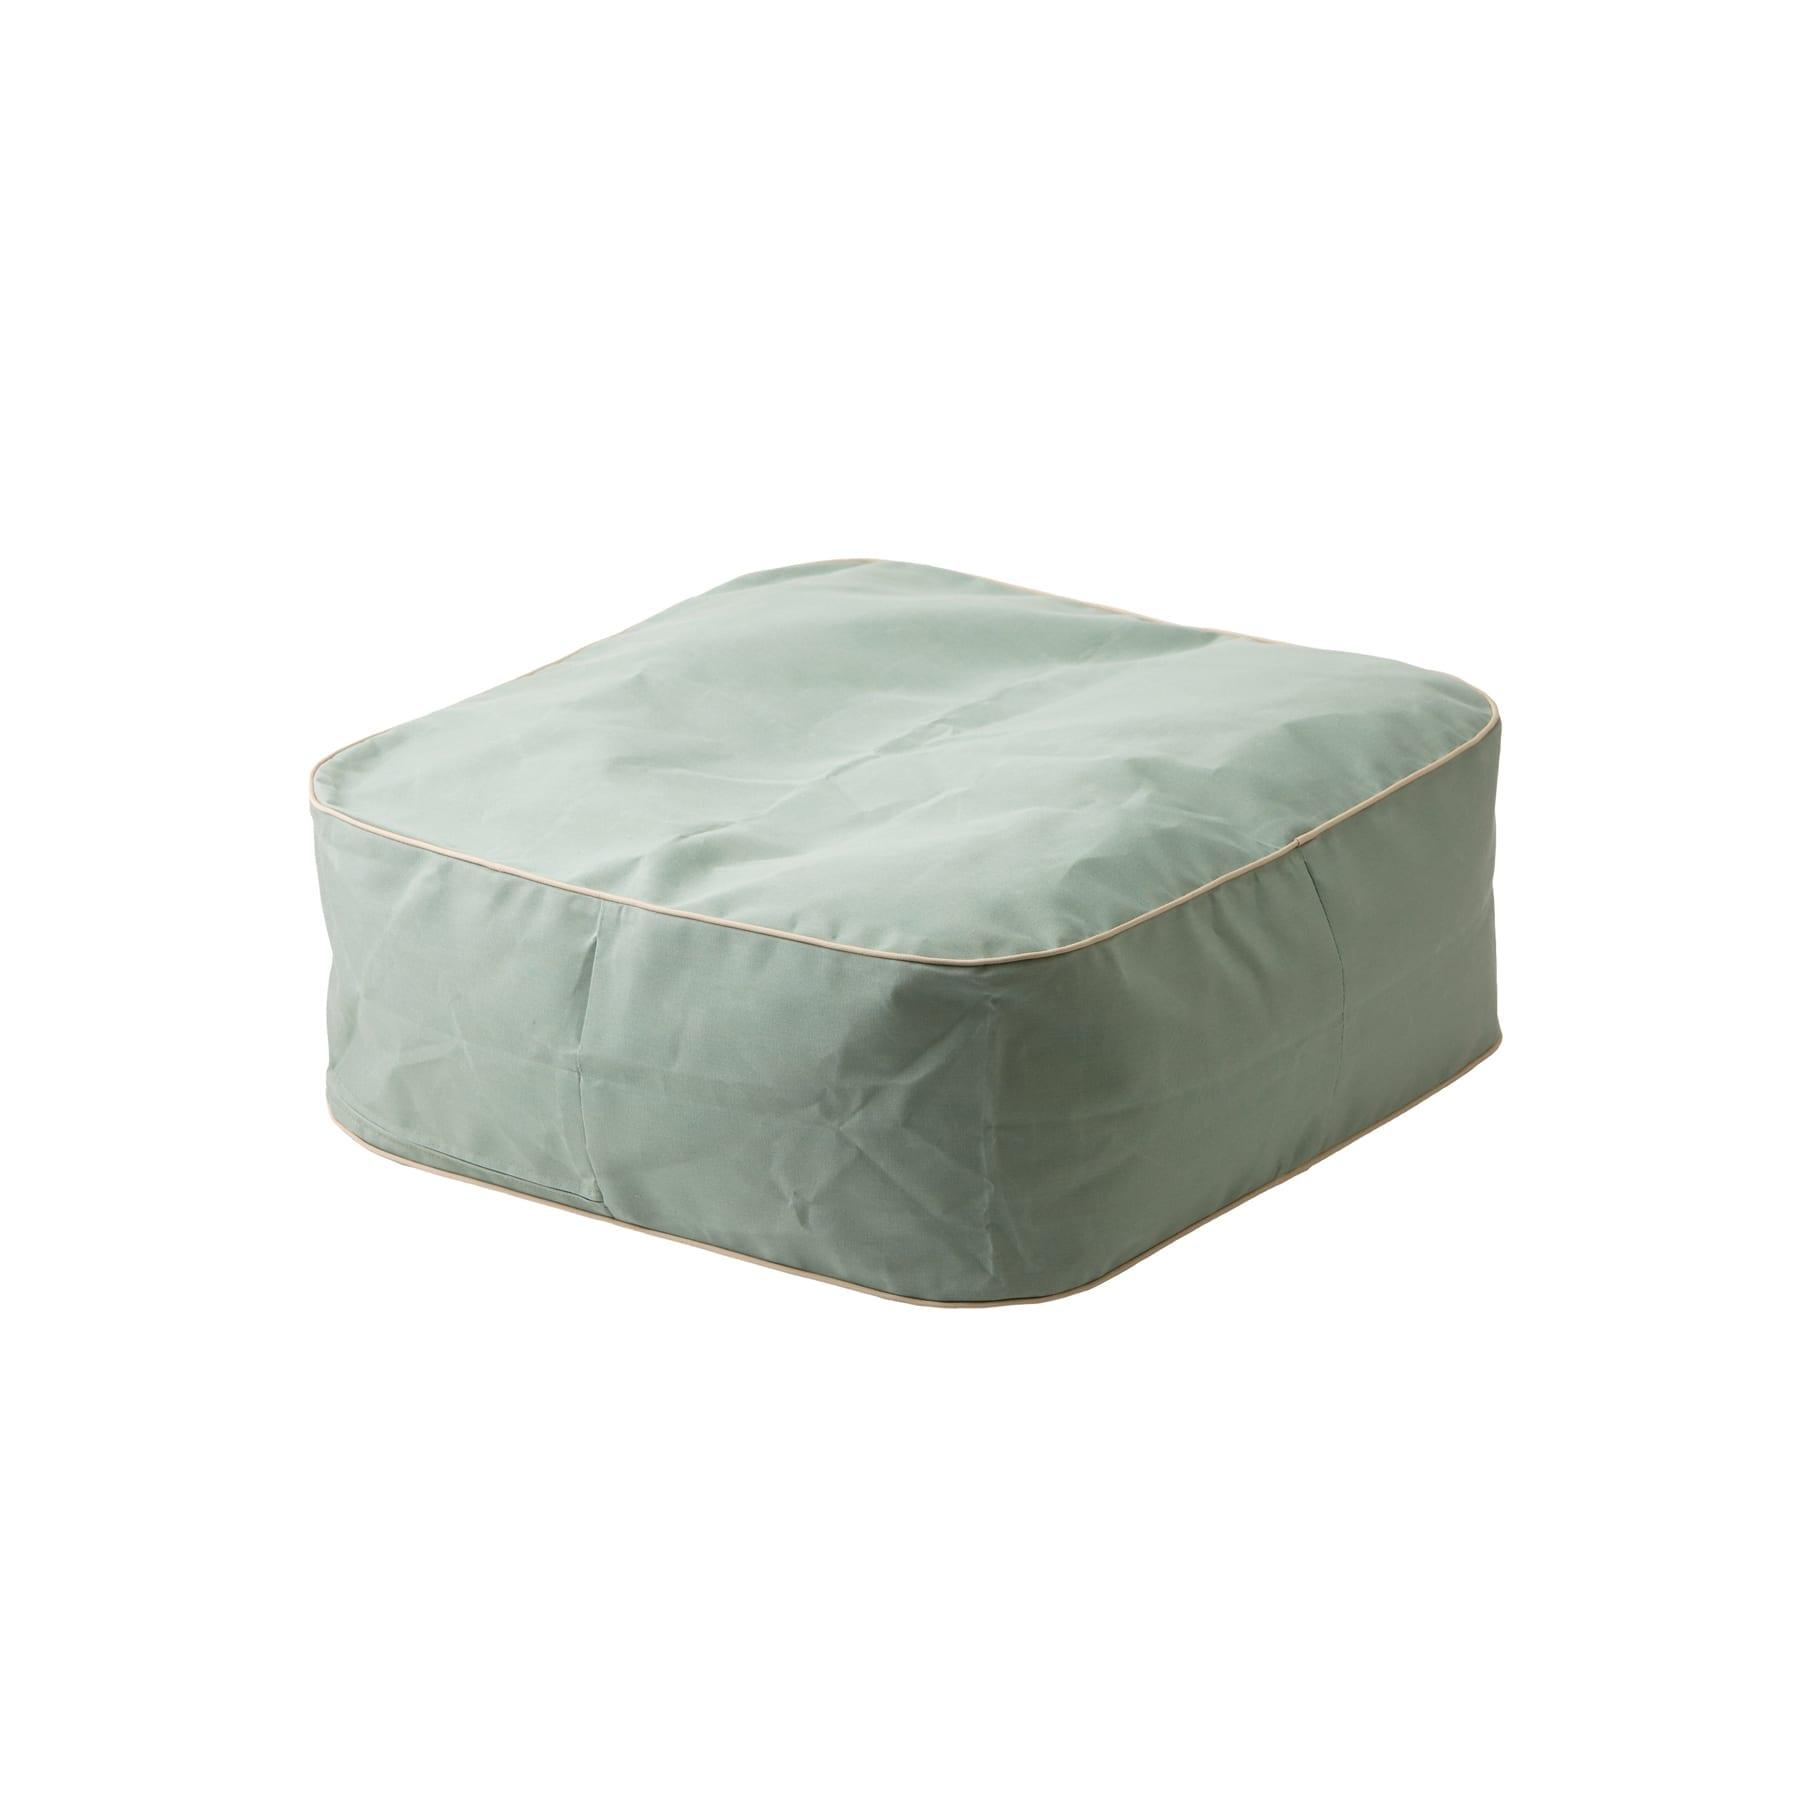 Sunbrella Fabric Sofa Images Cushions